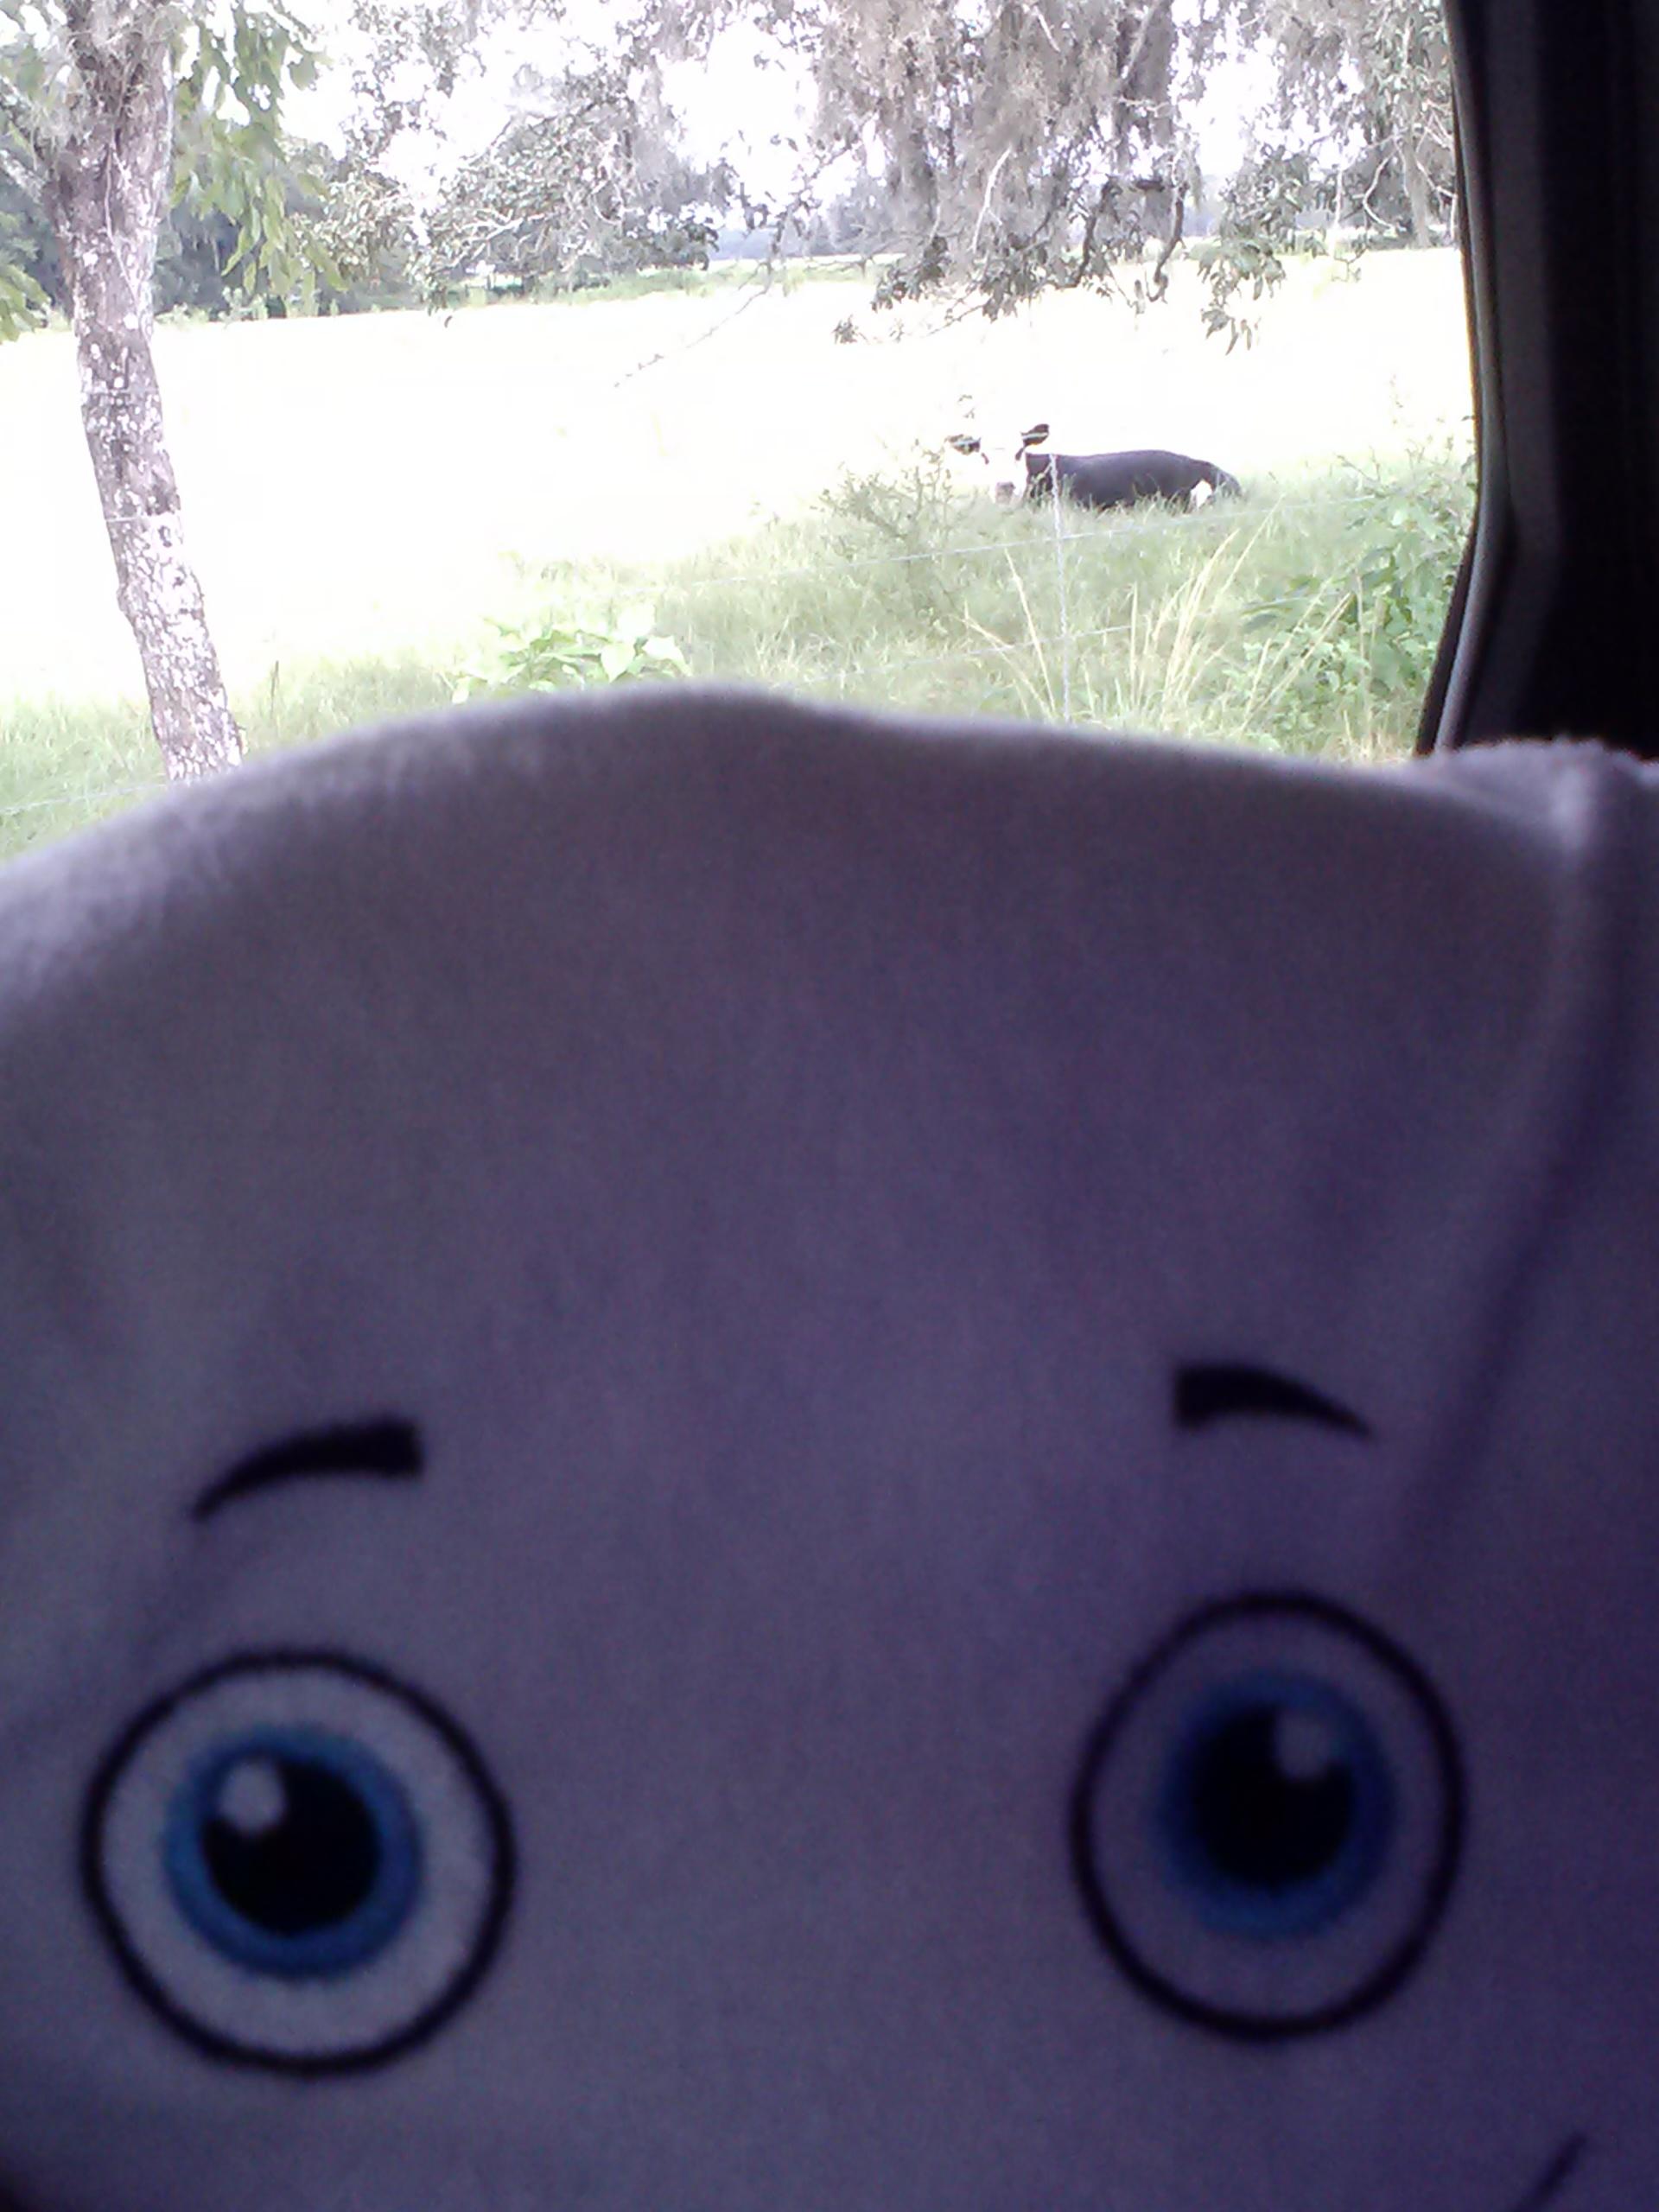 McStuffy loves cows